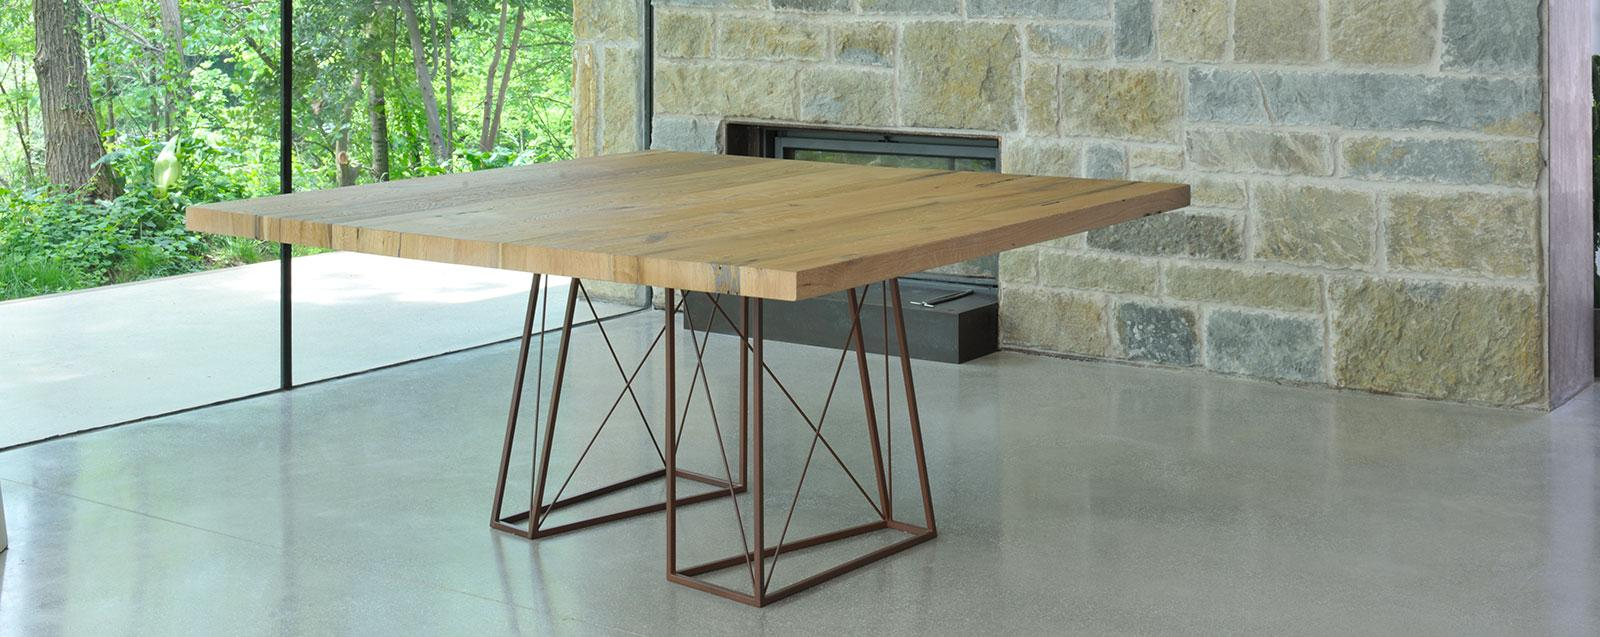 Roxy table en bois de briccola de venise idd for Salle a manger de luxe en bois